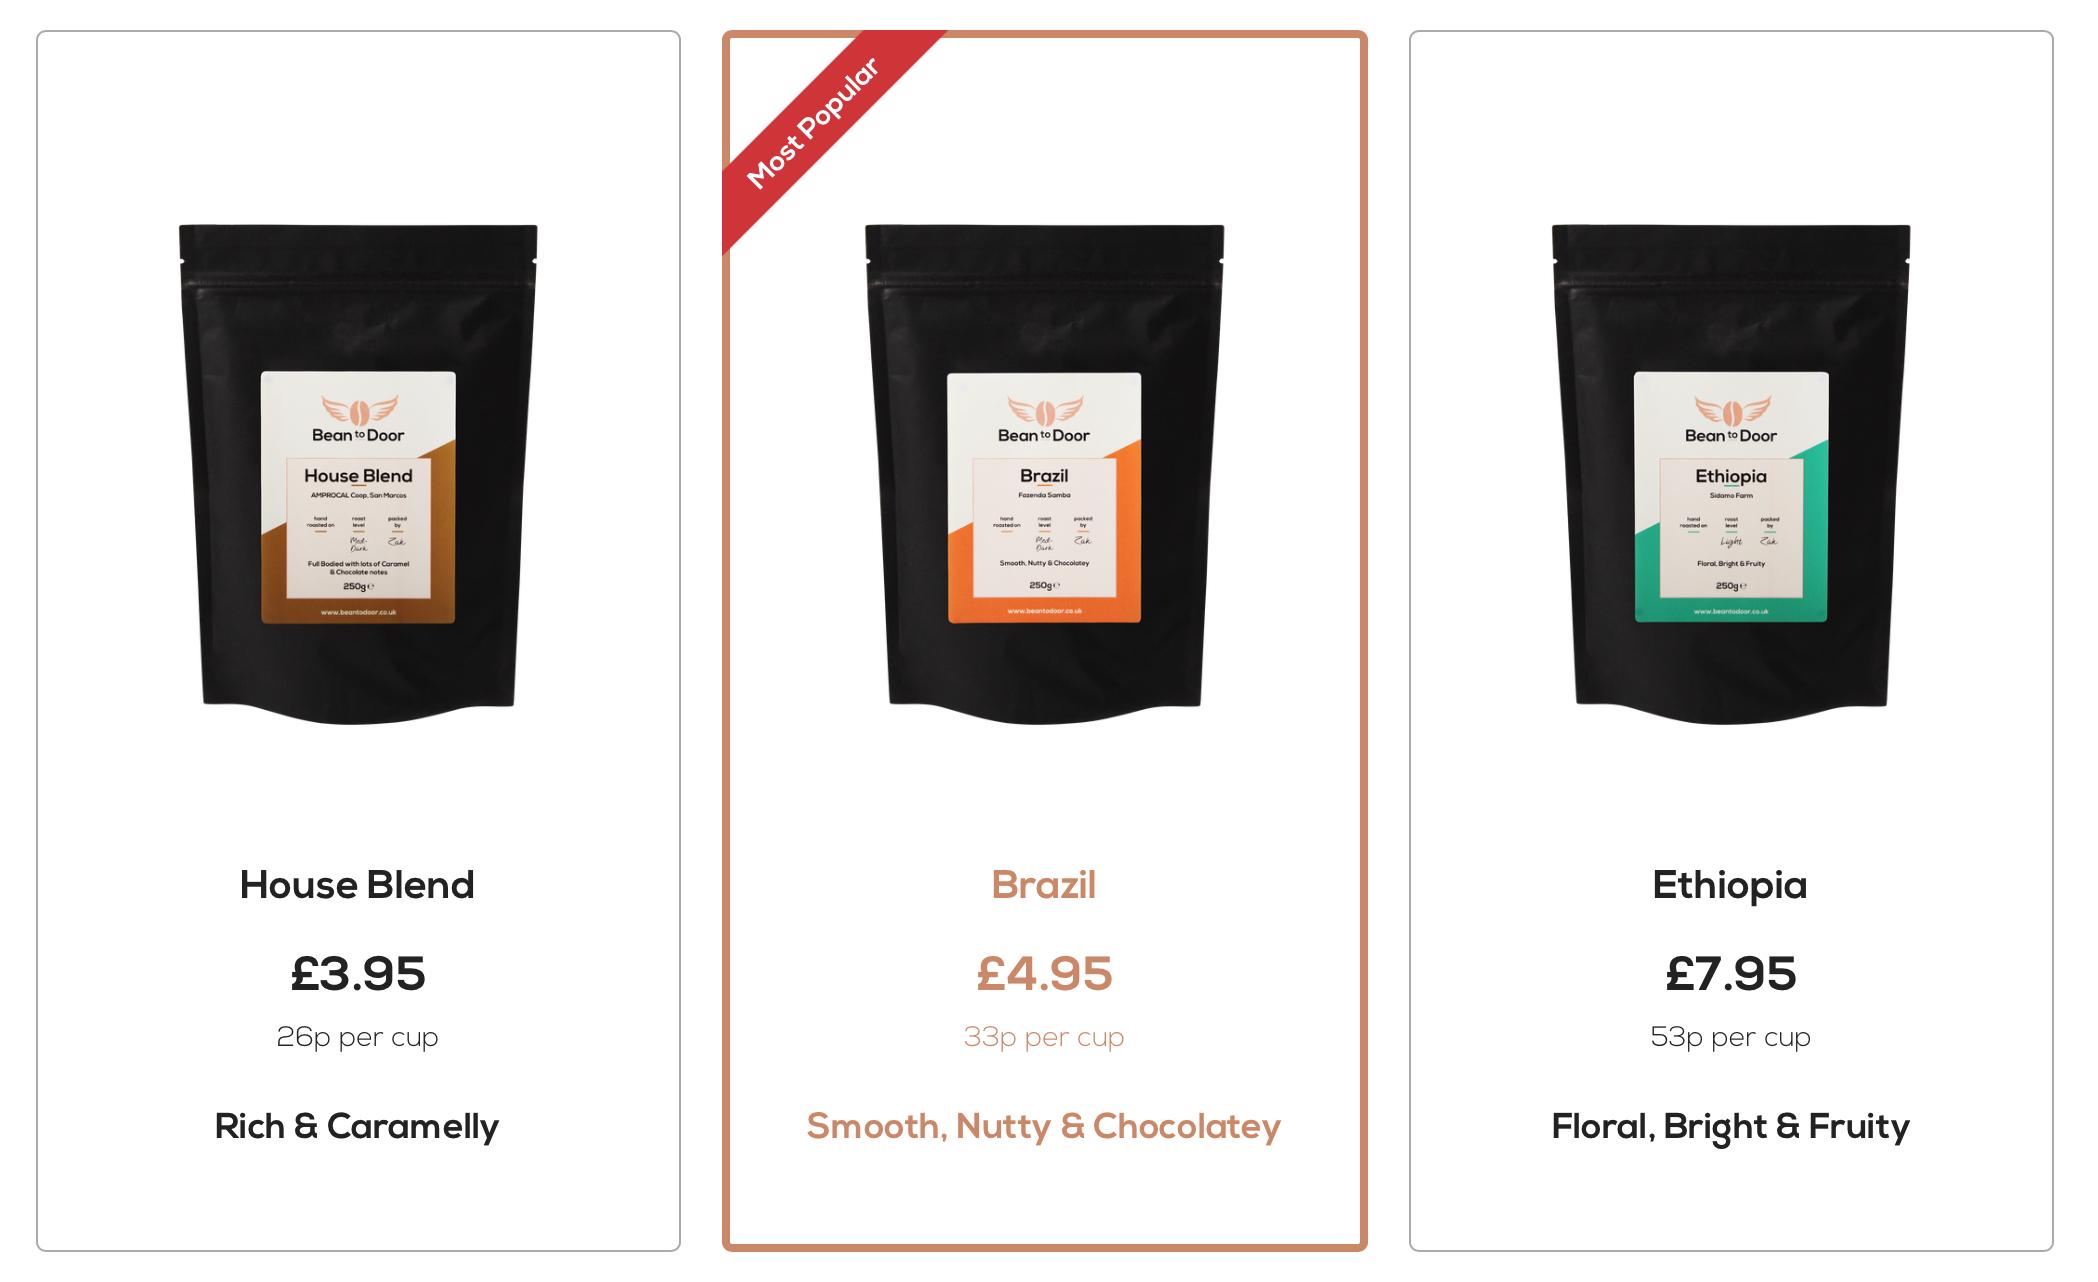 Bean To Door - Voucher £2.95 Off (House Blend now £1)